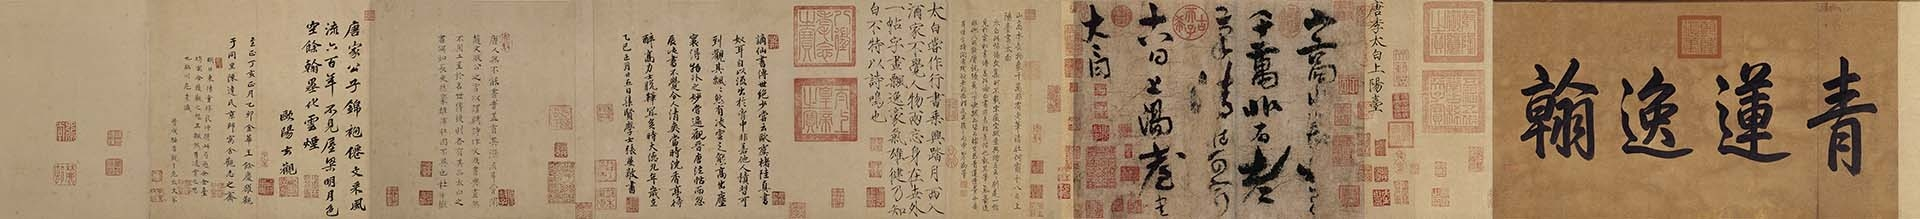 唐 李白 上阳台帖 纸本28.5X38.1